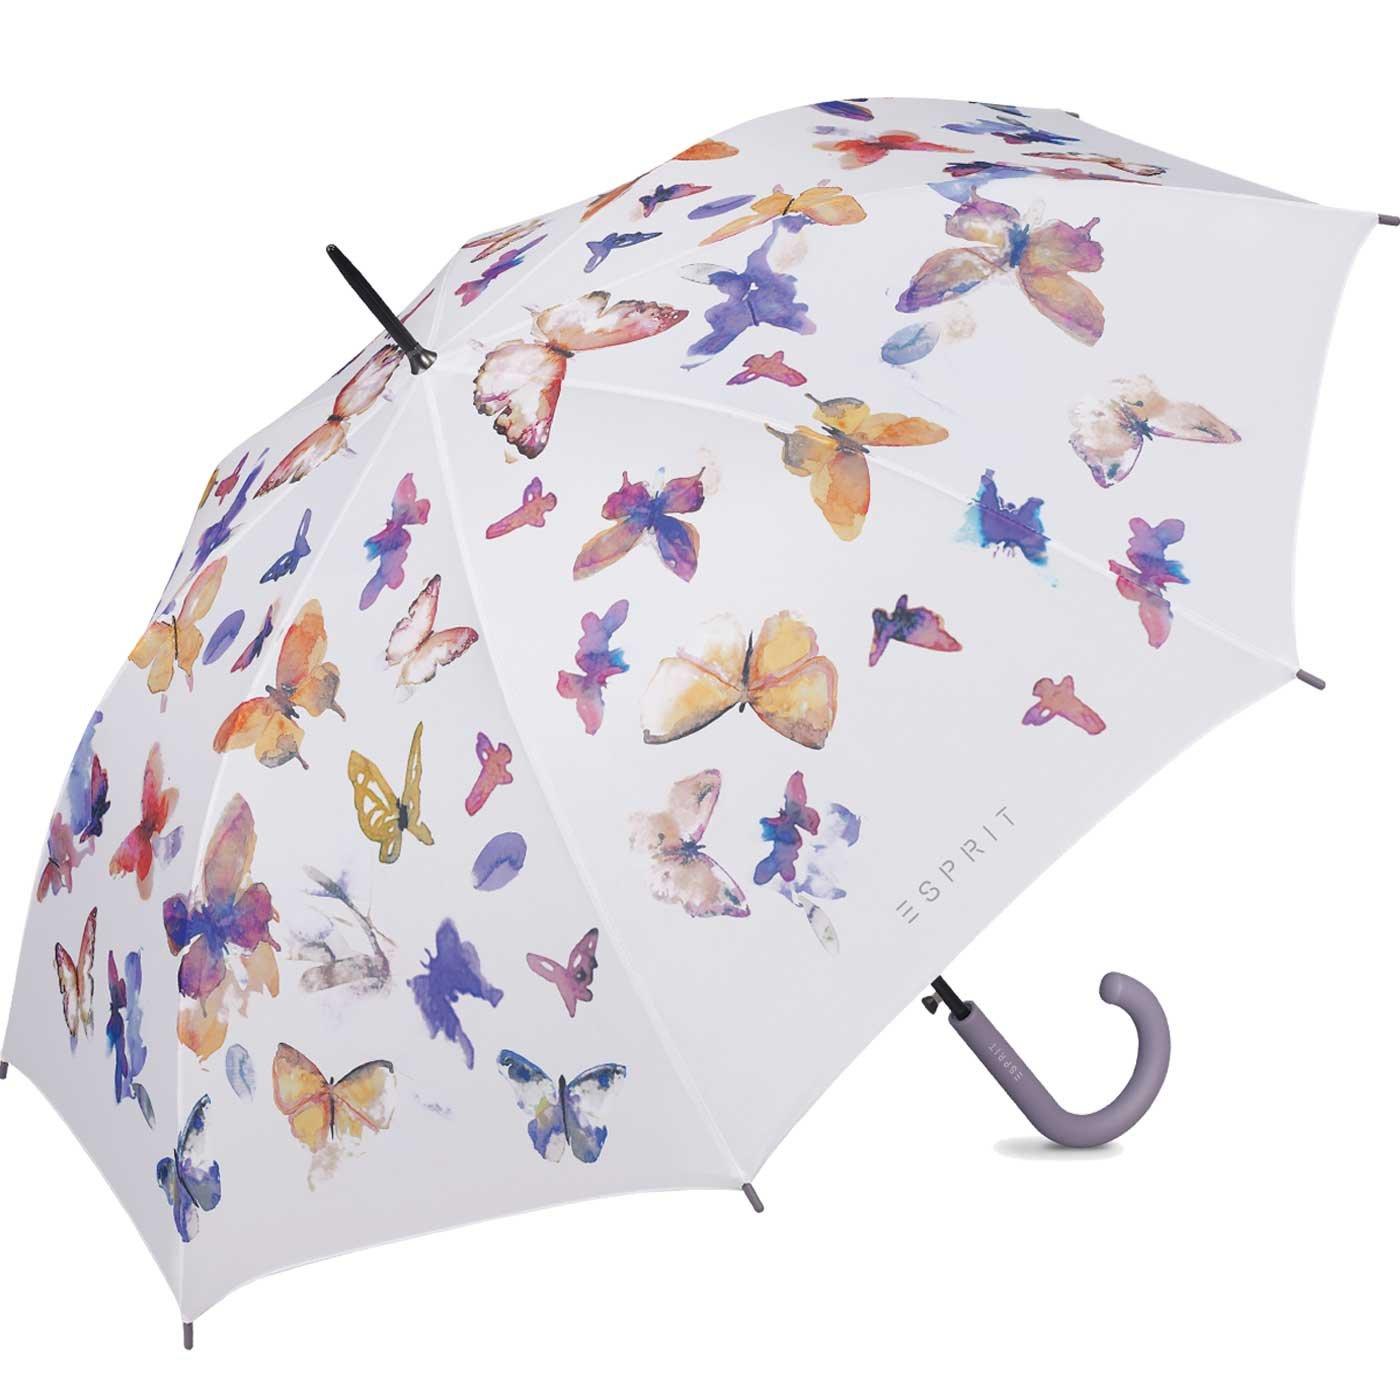 Esprit - Parapluie long femme automatique - Imprimé papillons Le Monde du Parapluie ESPRIT50892BUTTERFLY